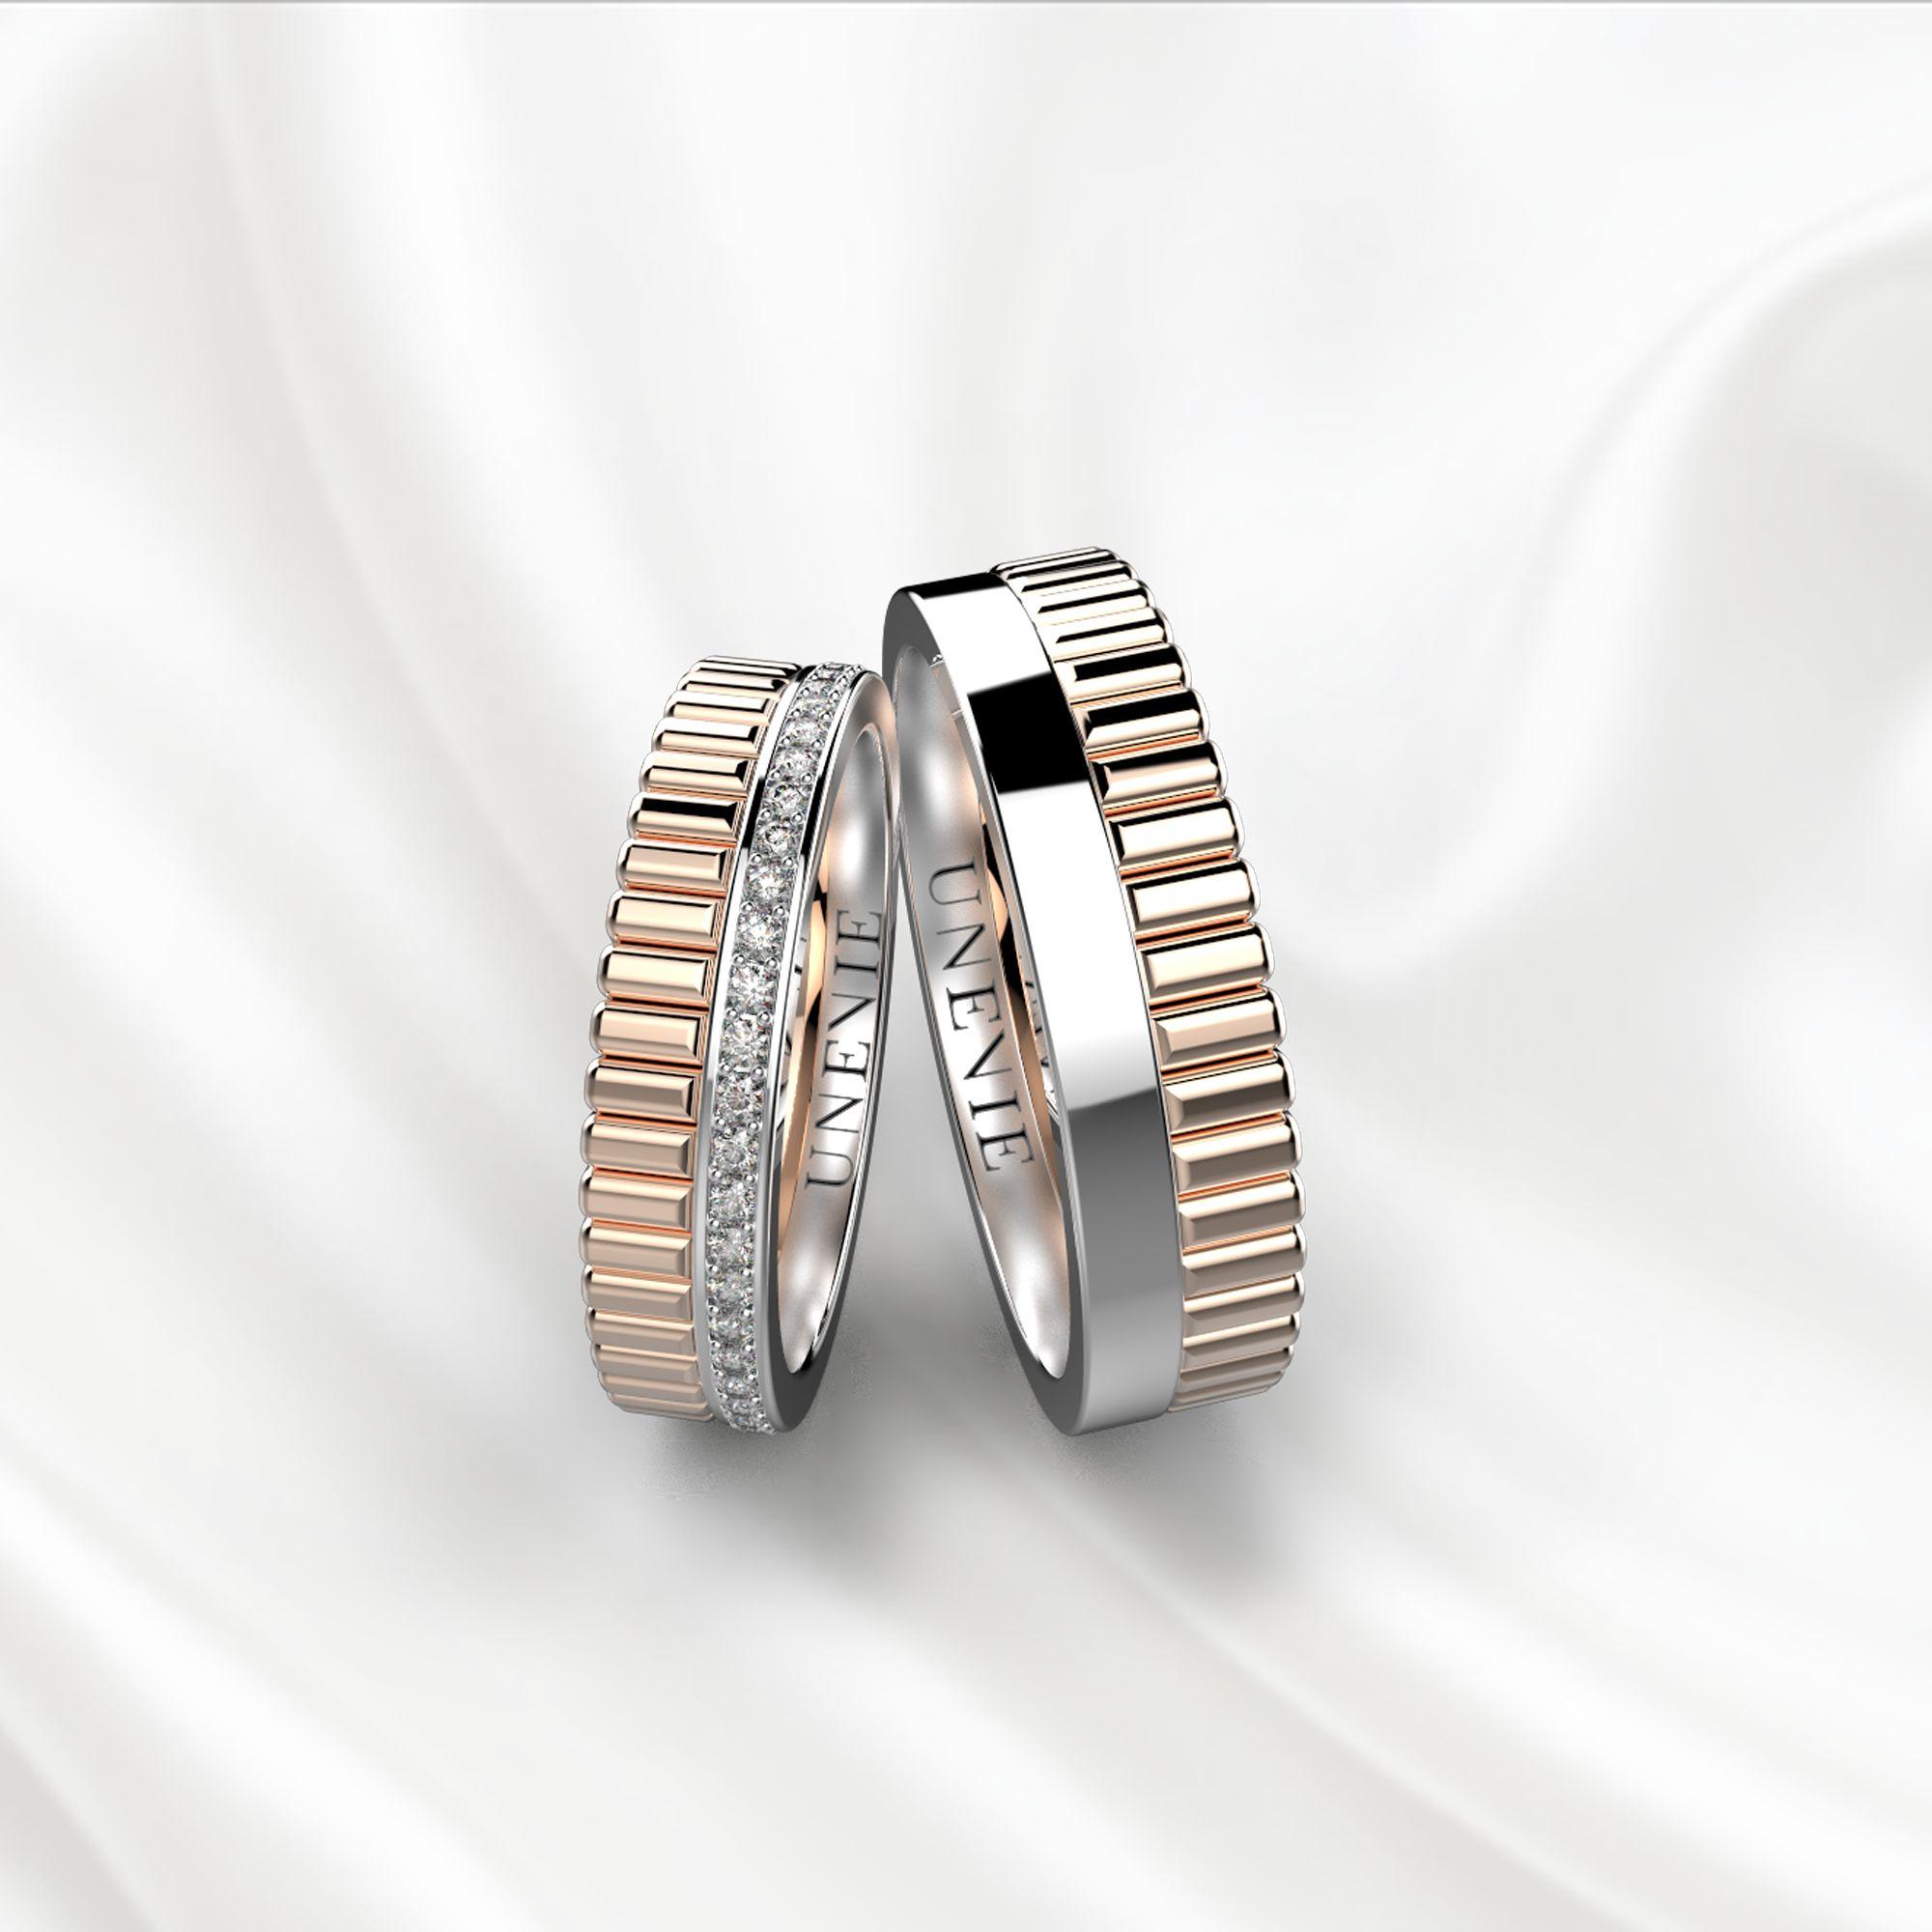 NV24 Обручальные кольца из розово-белого золота с бриллиантами